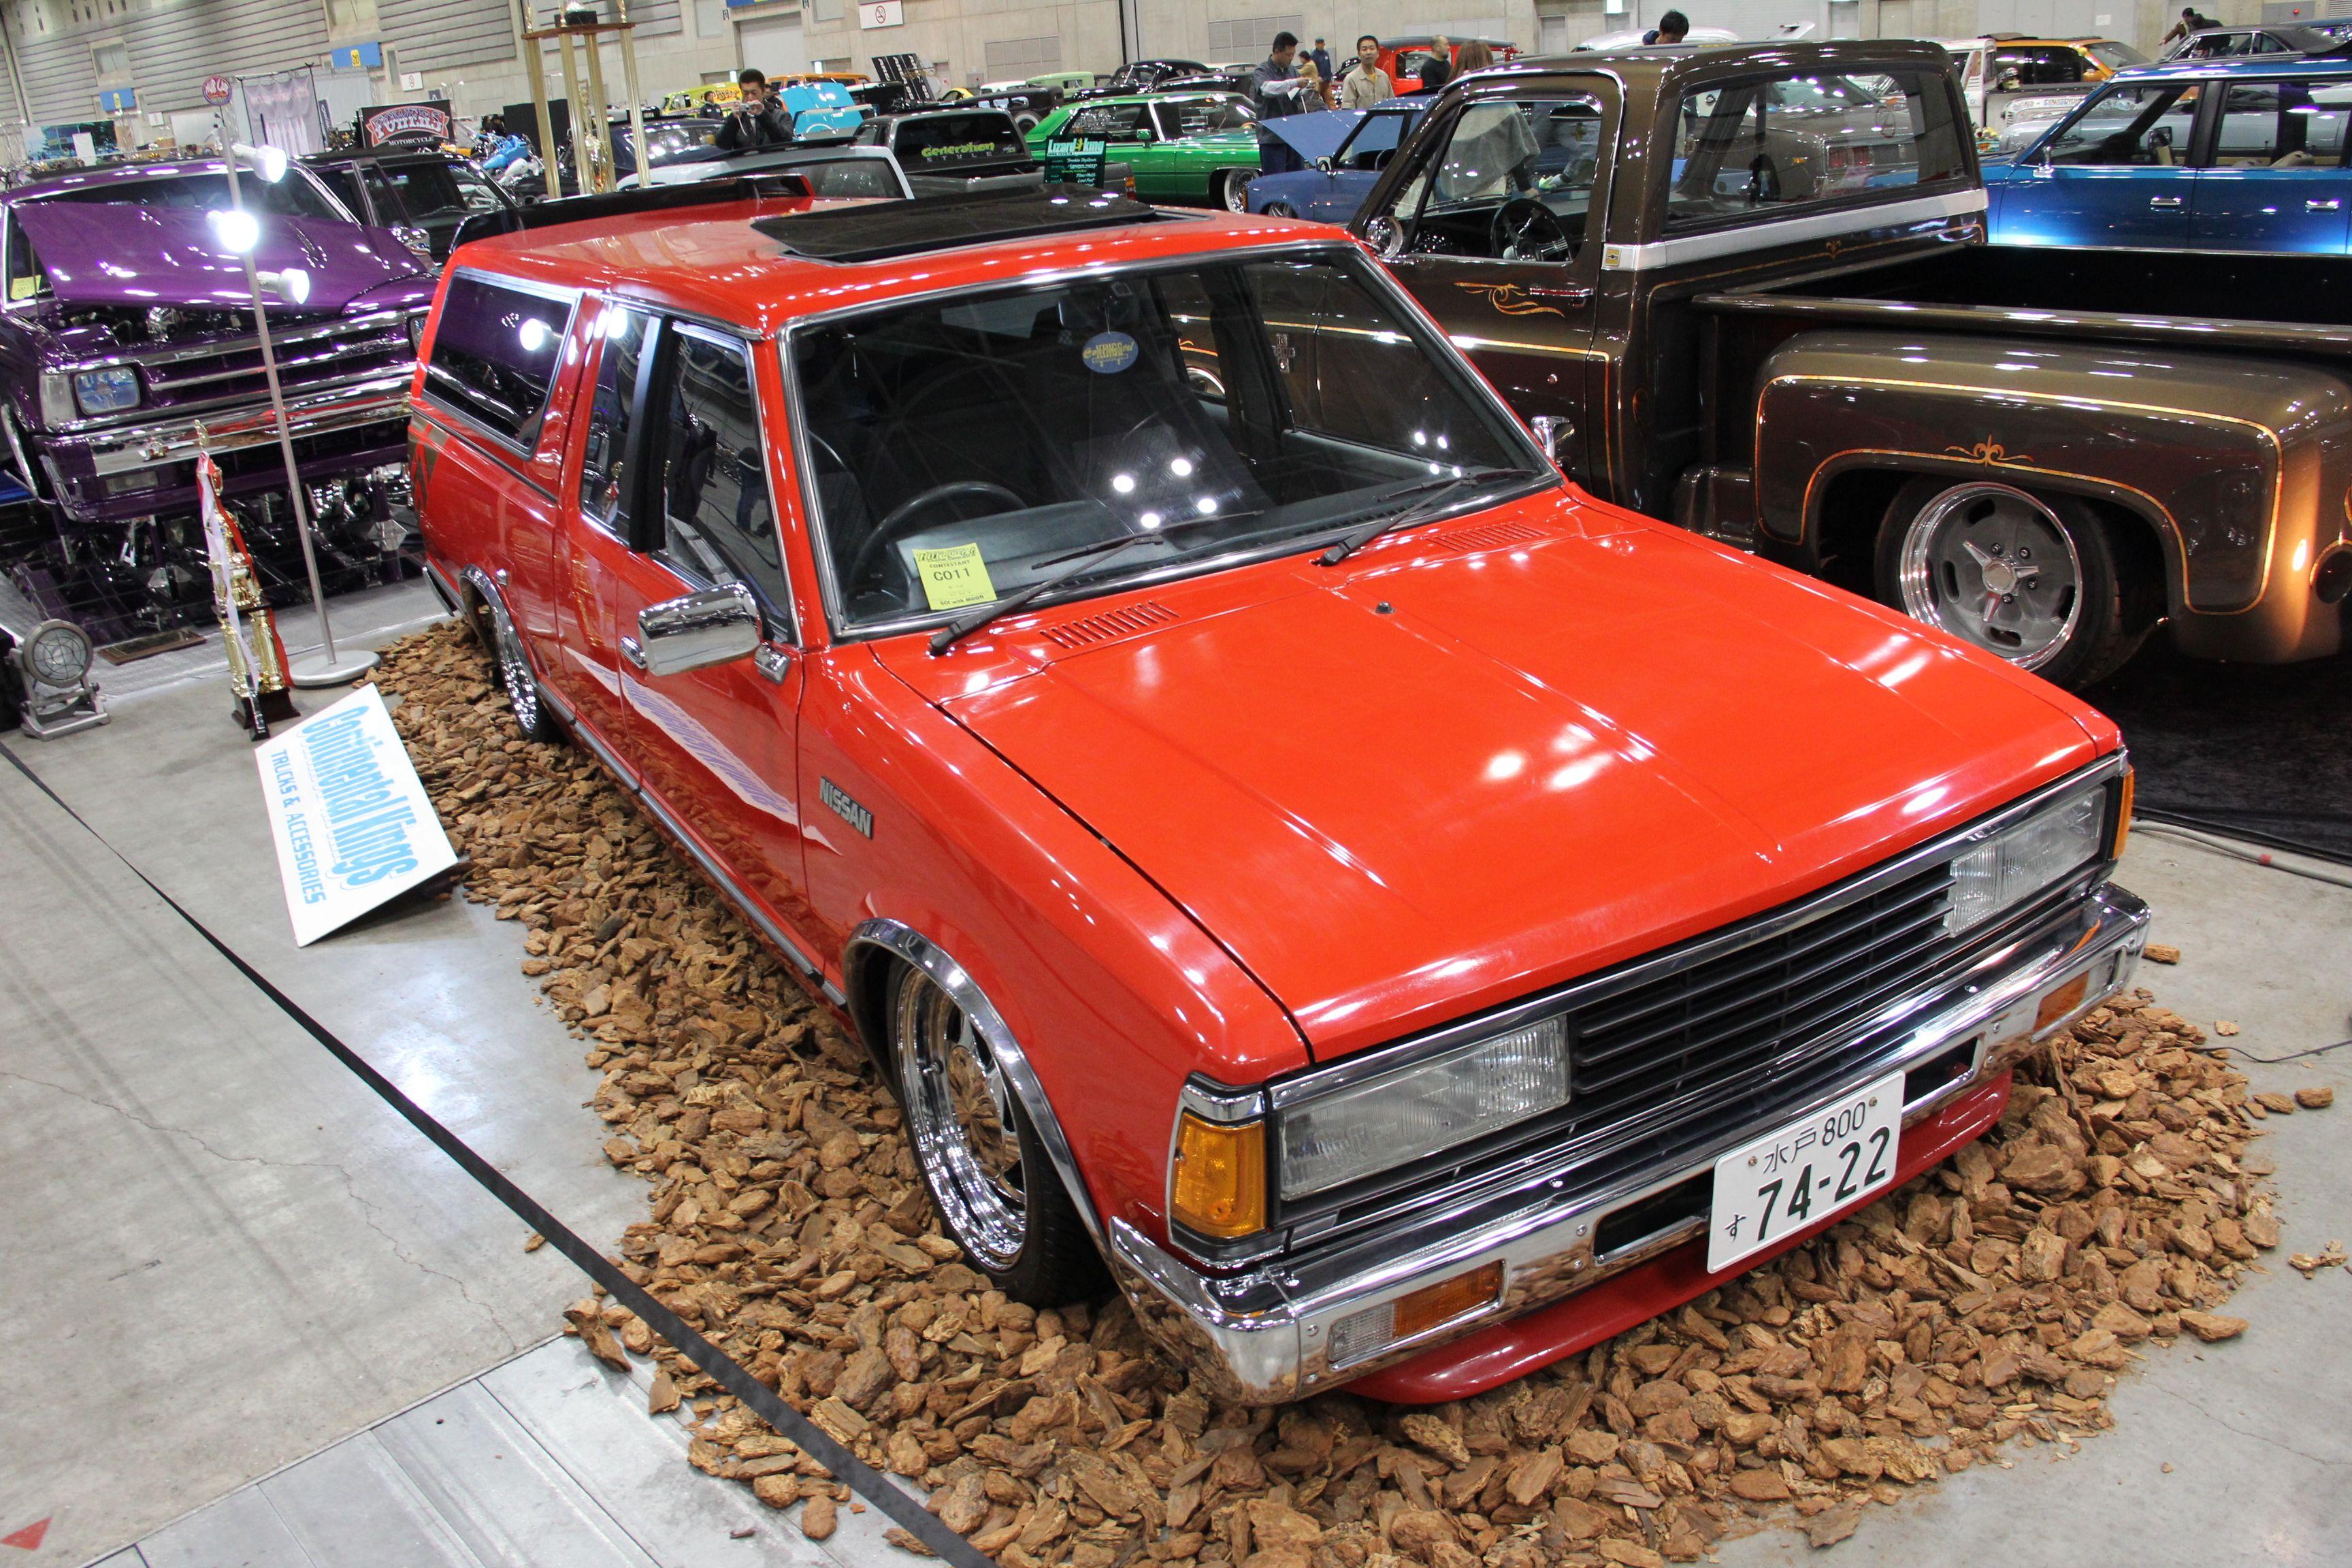 Nissan datsun 510 truck - 3367_datsun 720_minitruck Jpg Bagged Trucksmini Trucksdatsun 510nissan Toyotagaragecars